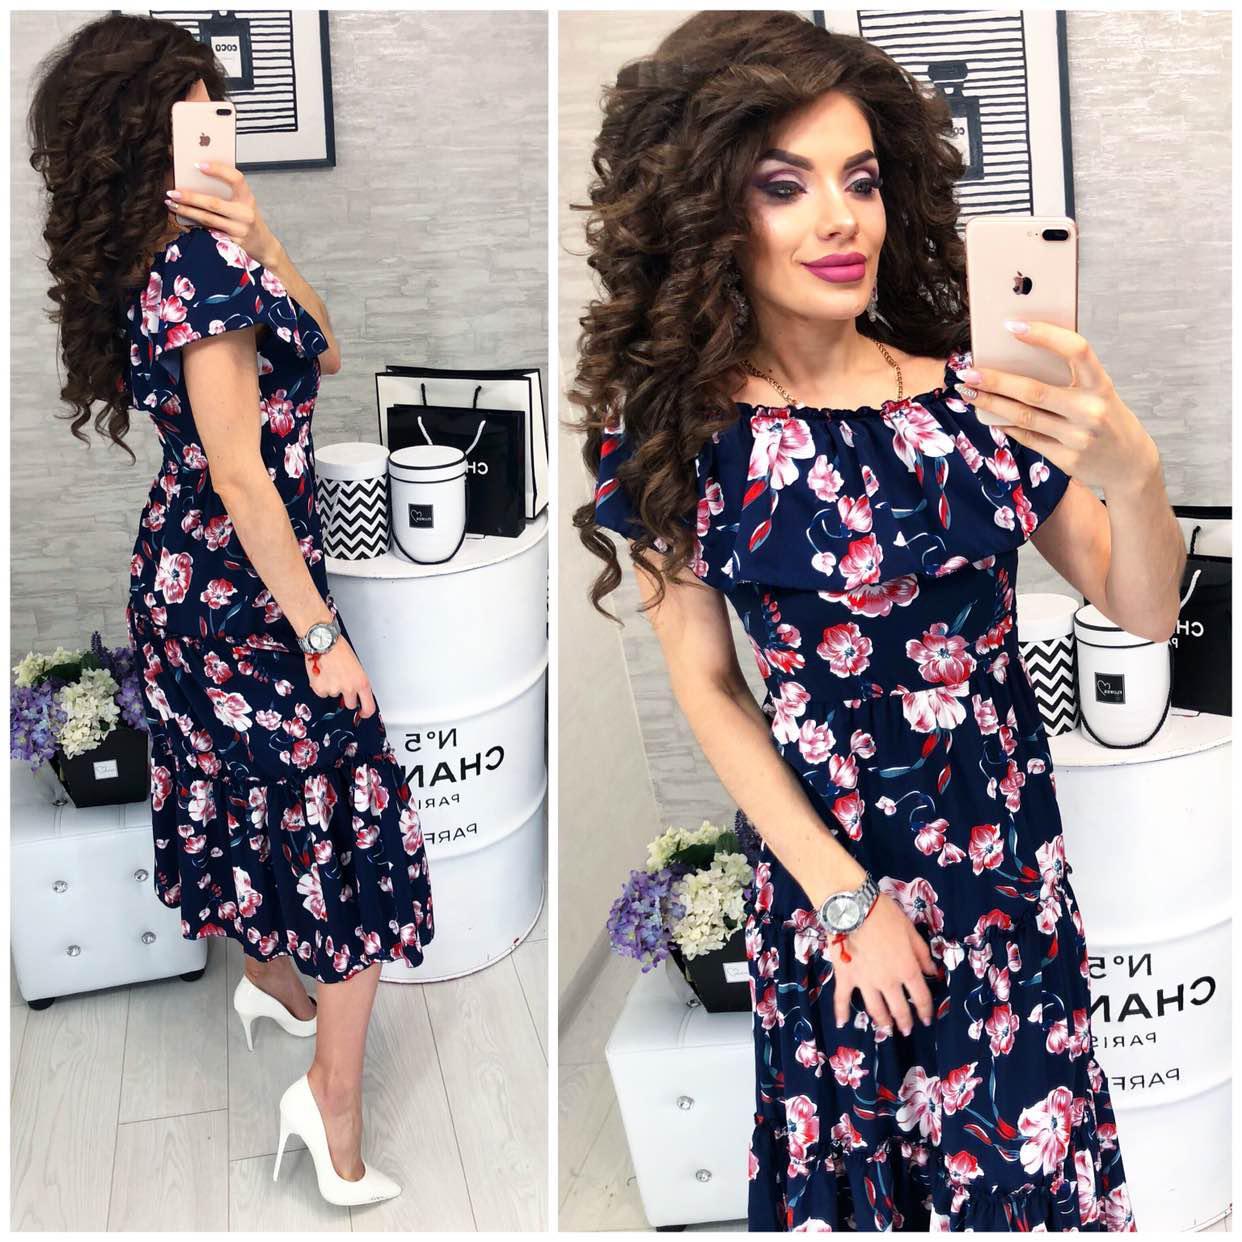 358d4b6995bd Новинка! Летнее платье с воланом ( арт. 101 ), ткань софт, принт цветы на  синем